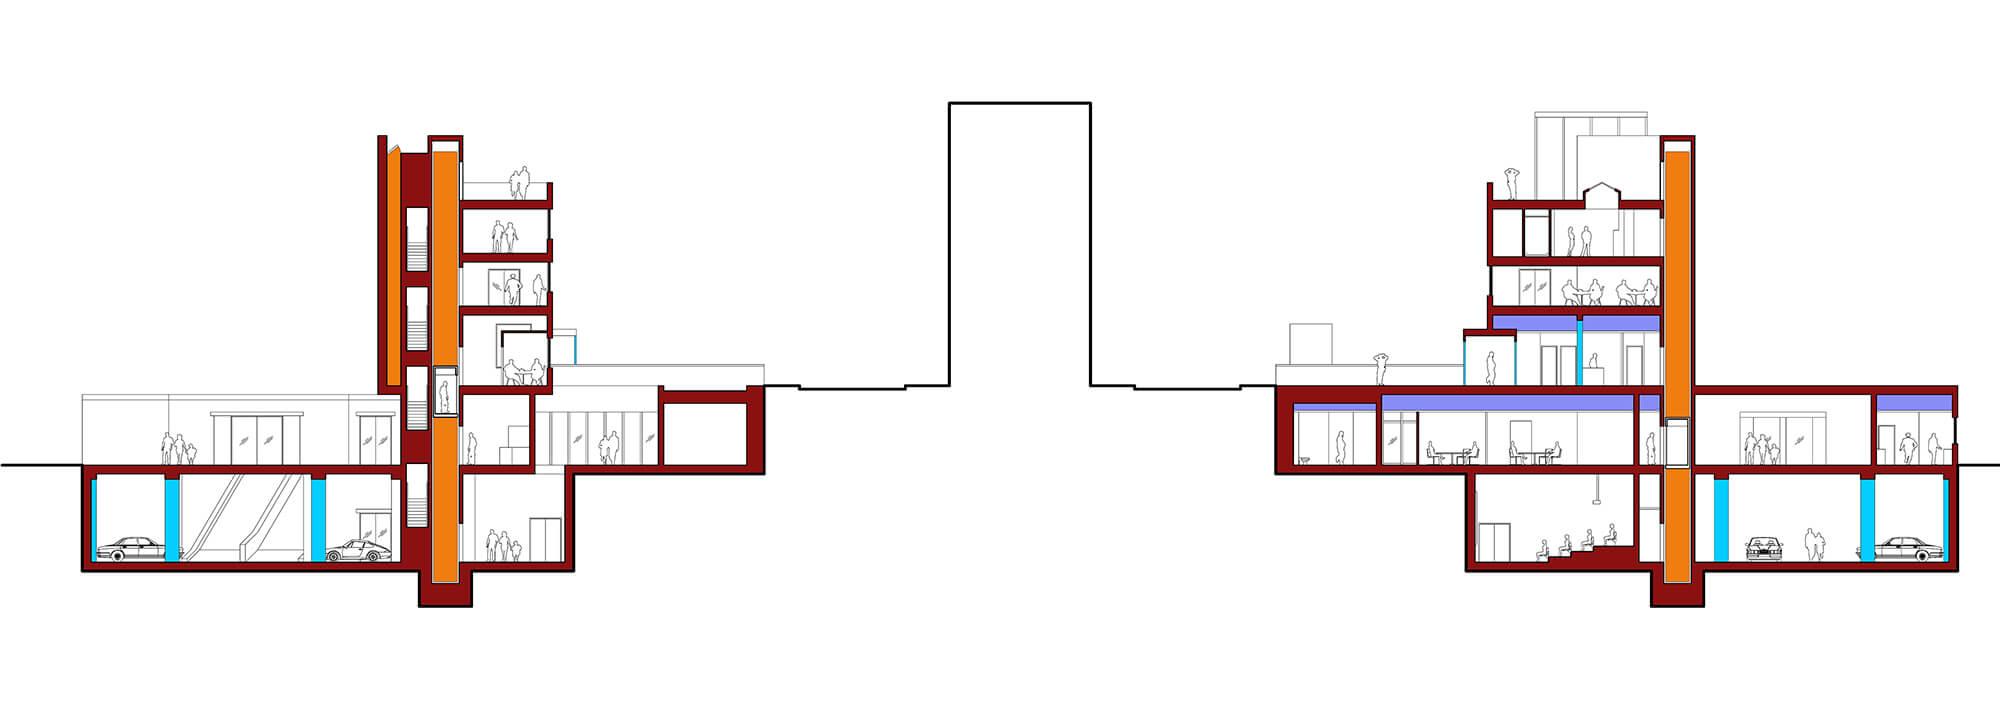 Residential vs. Commercial Design